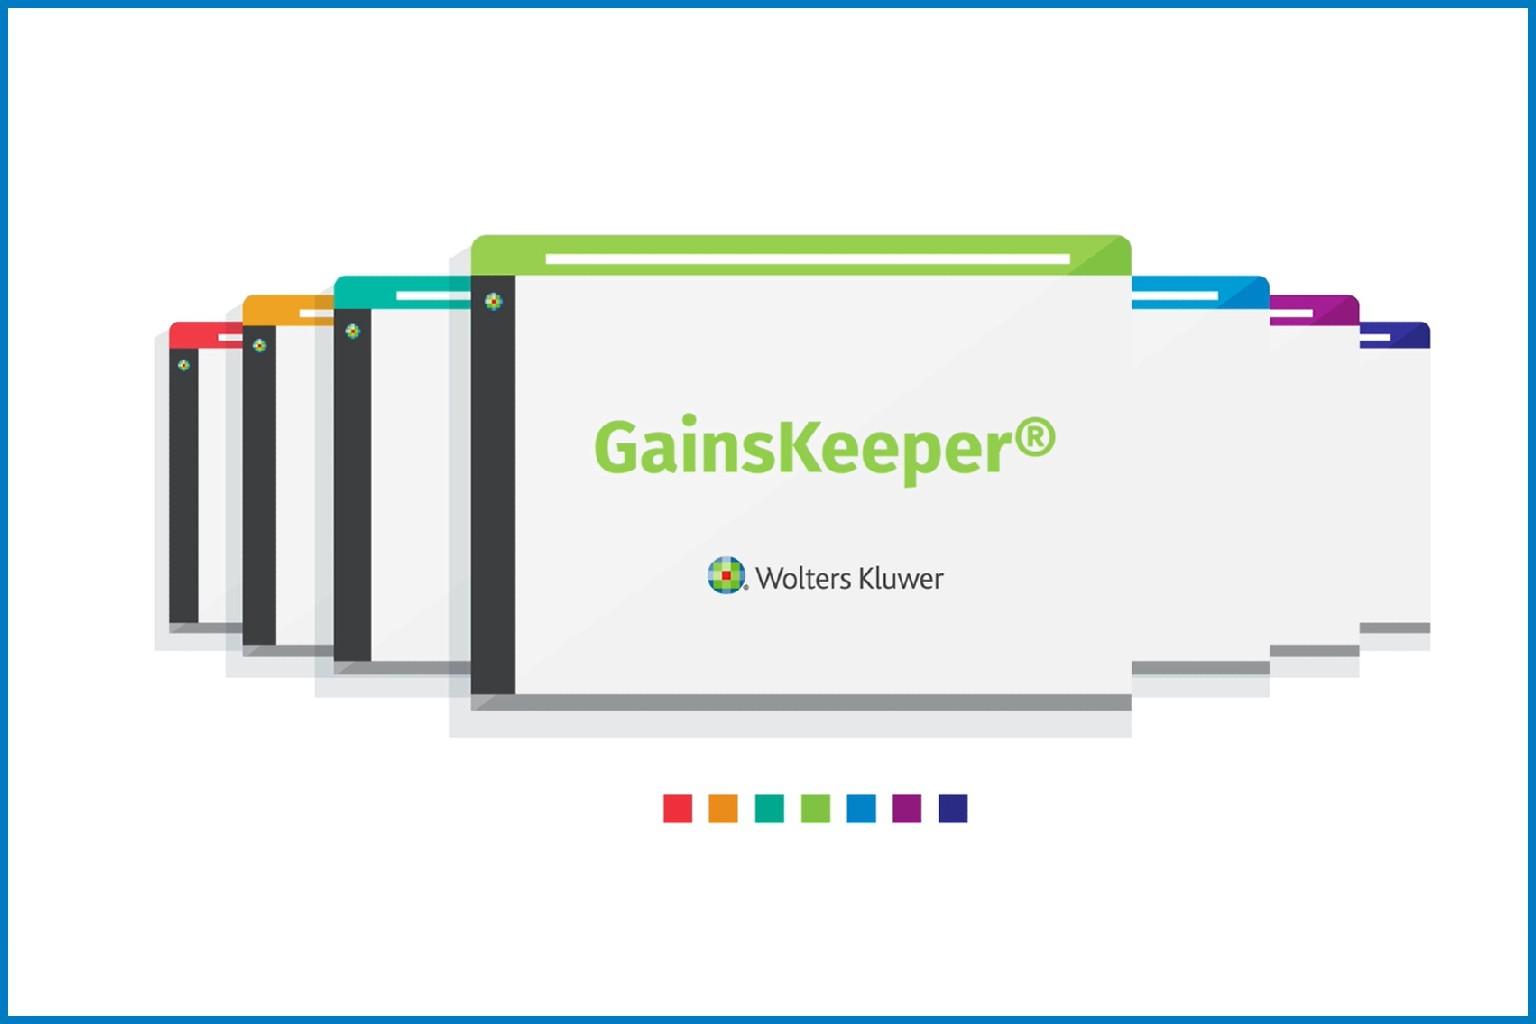 GainsKeeper video